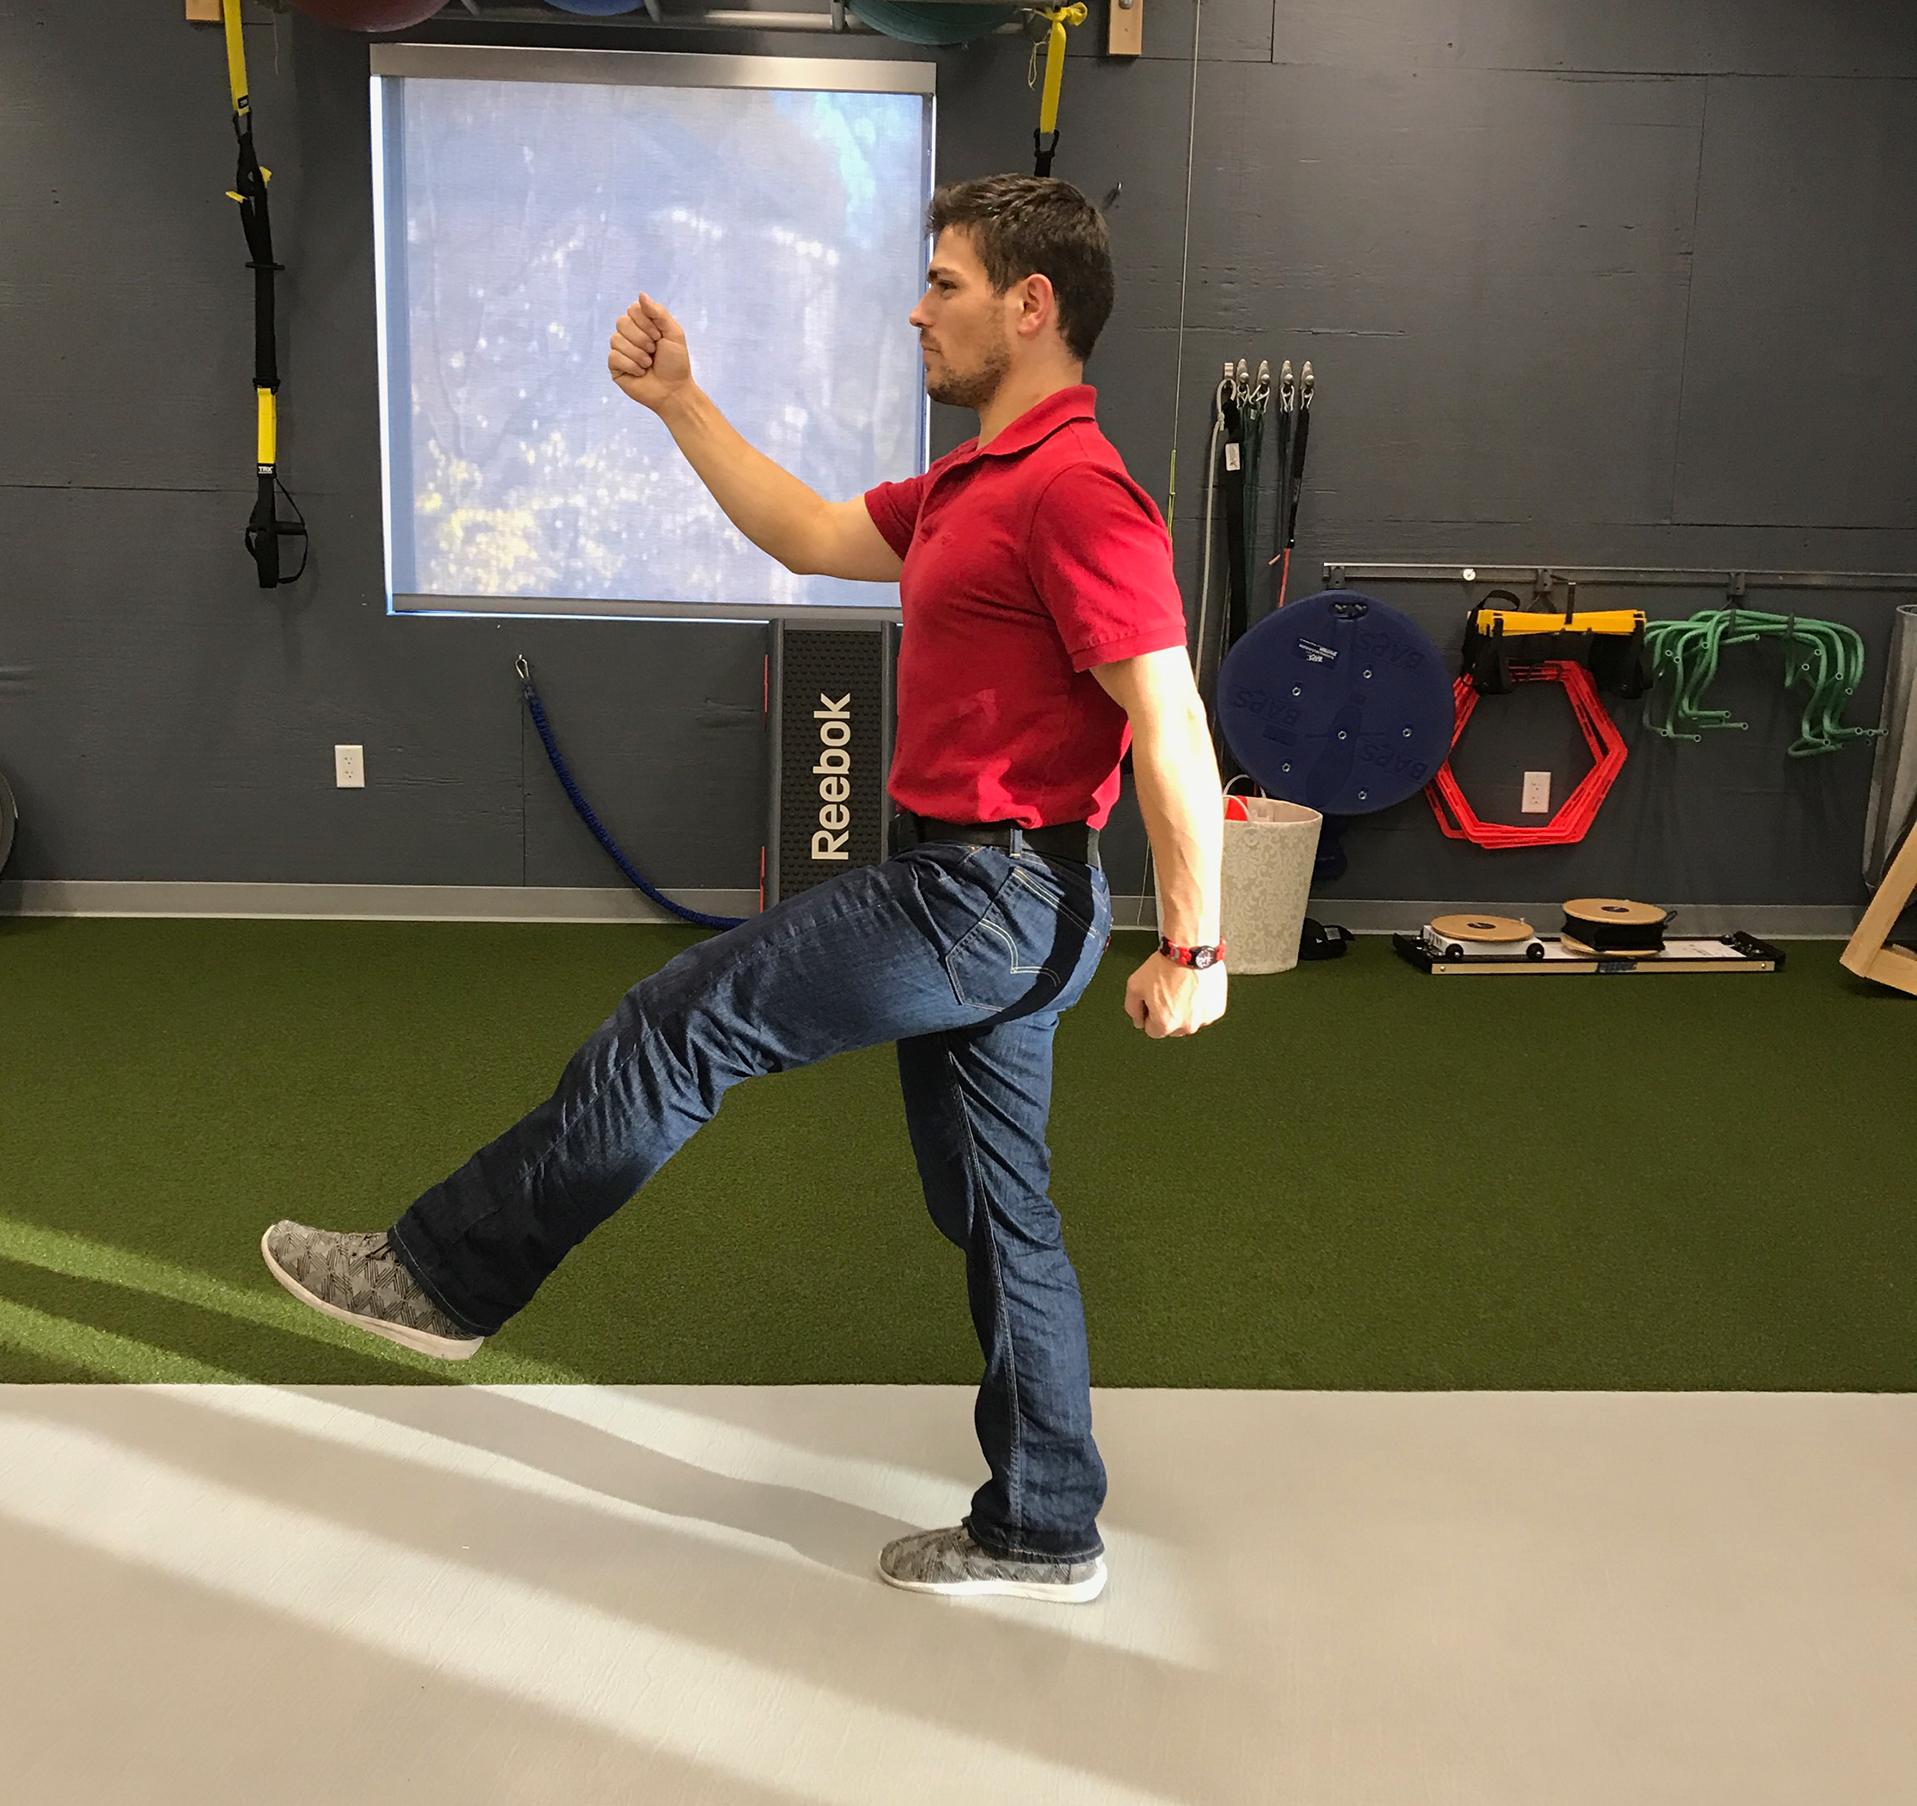 dynamic-exercise-b-skip